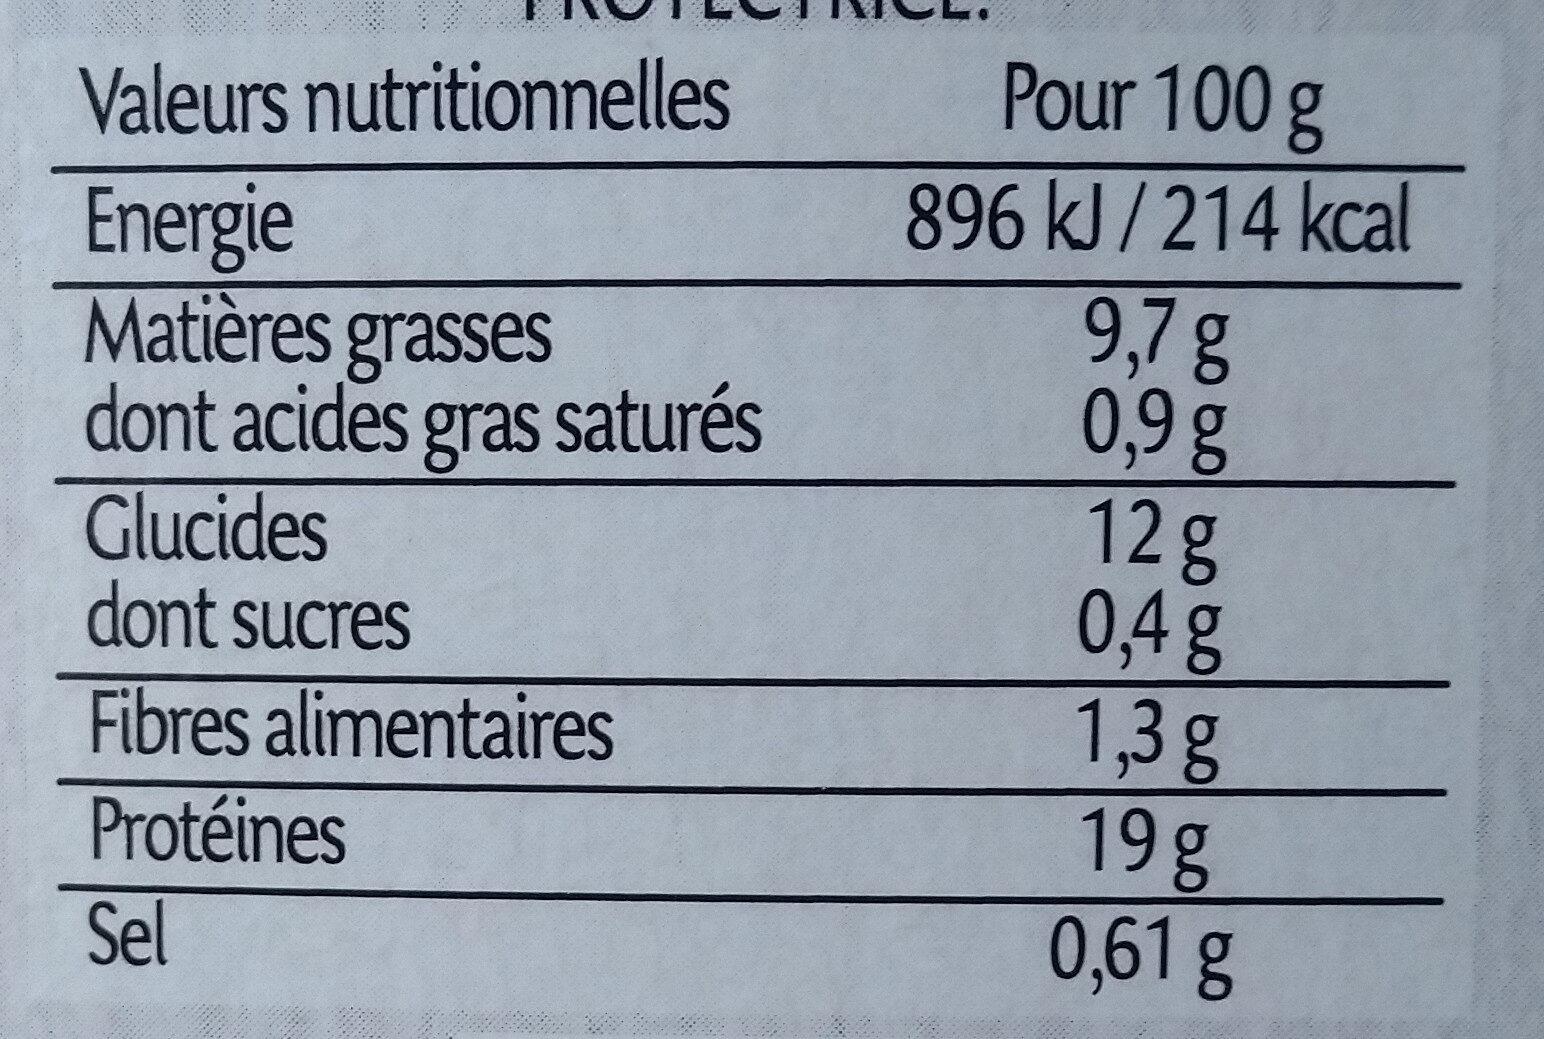 Escalope a la milanaise de qualite superieure - Informations nutritionnelles - fr